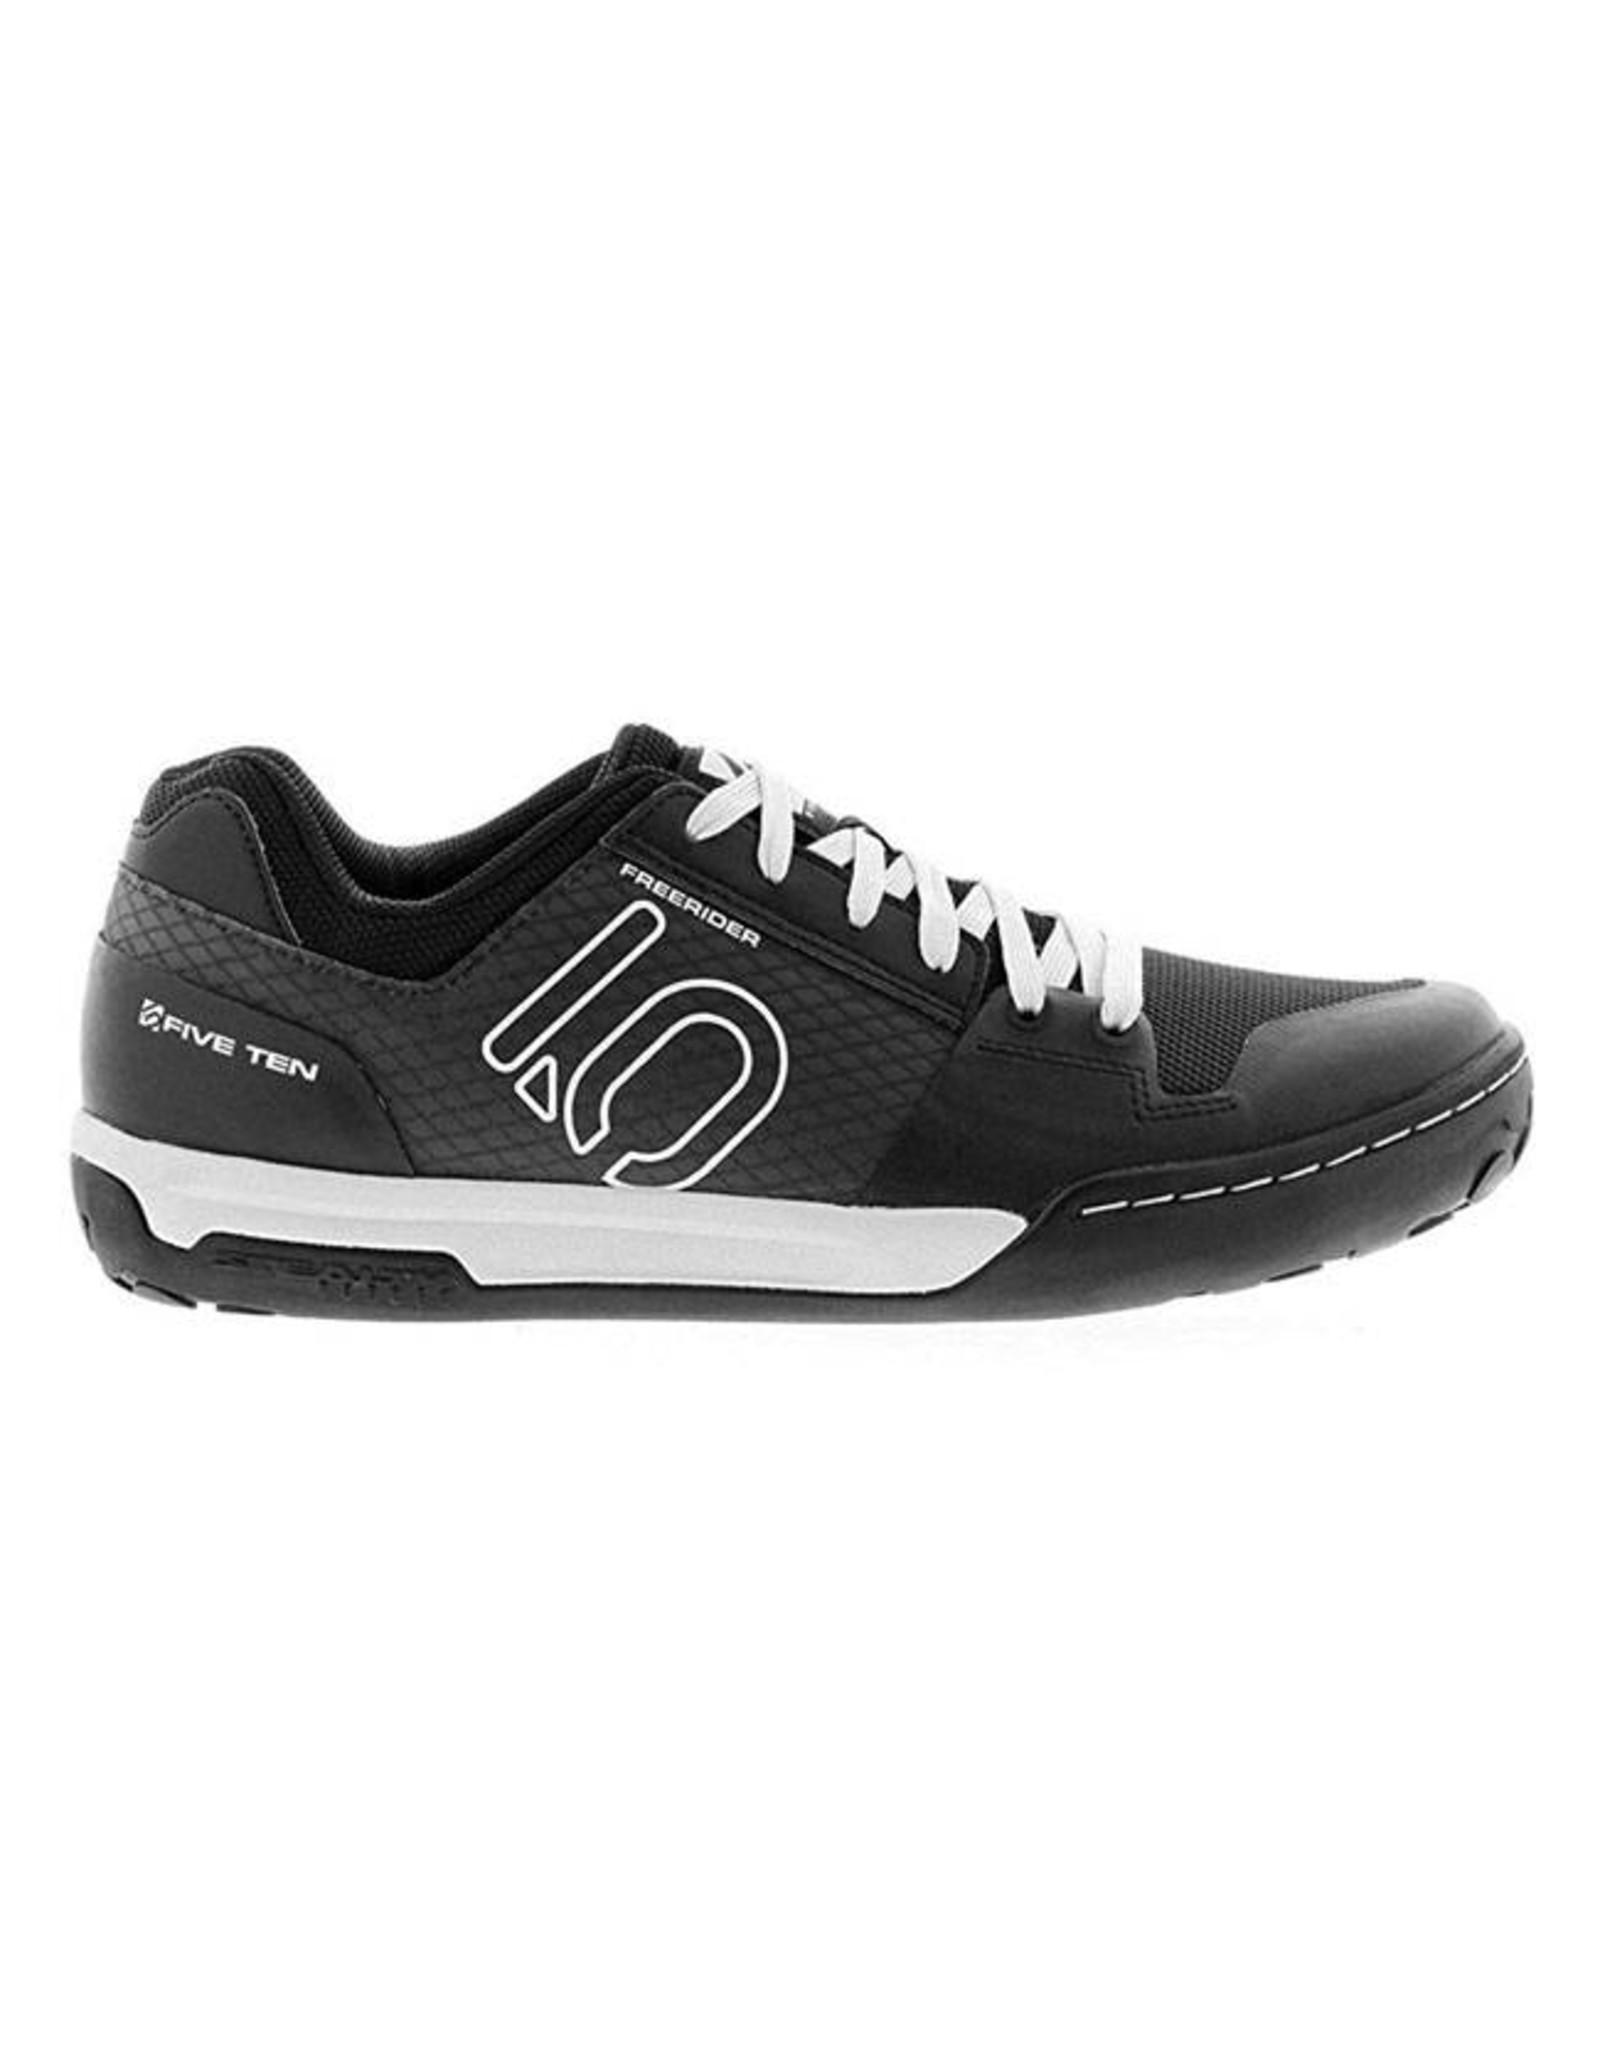 Five Ten Five Ten Freerider Contact Men's Flat Pedal Shoe: Split Black 6